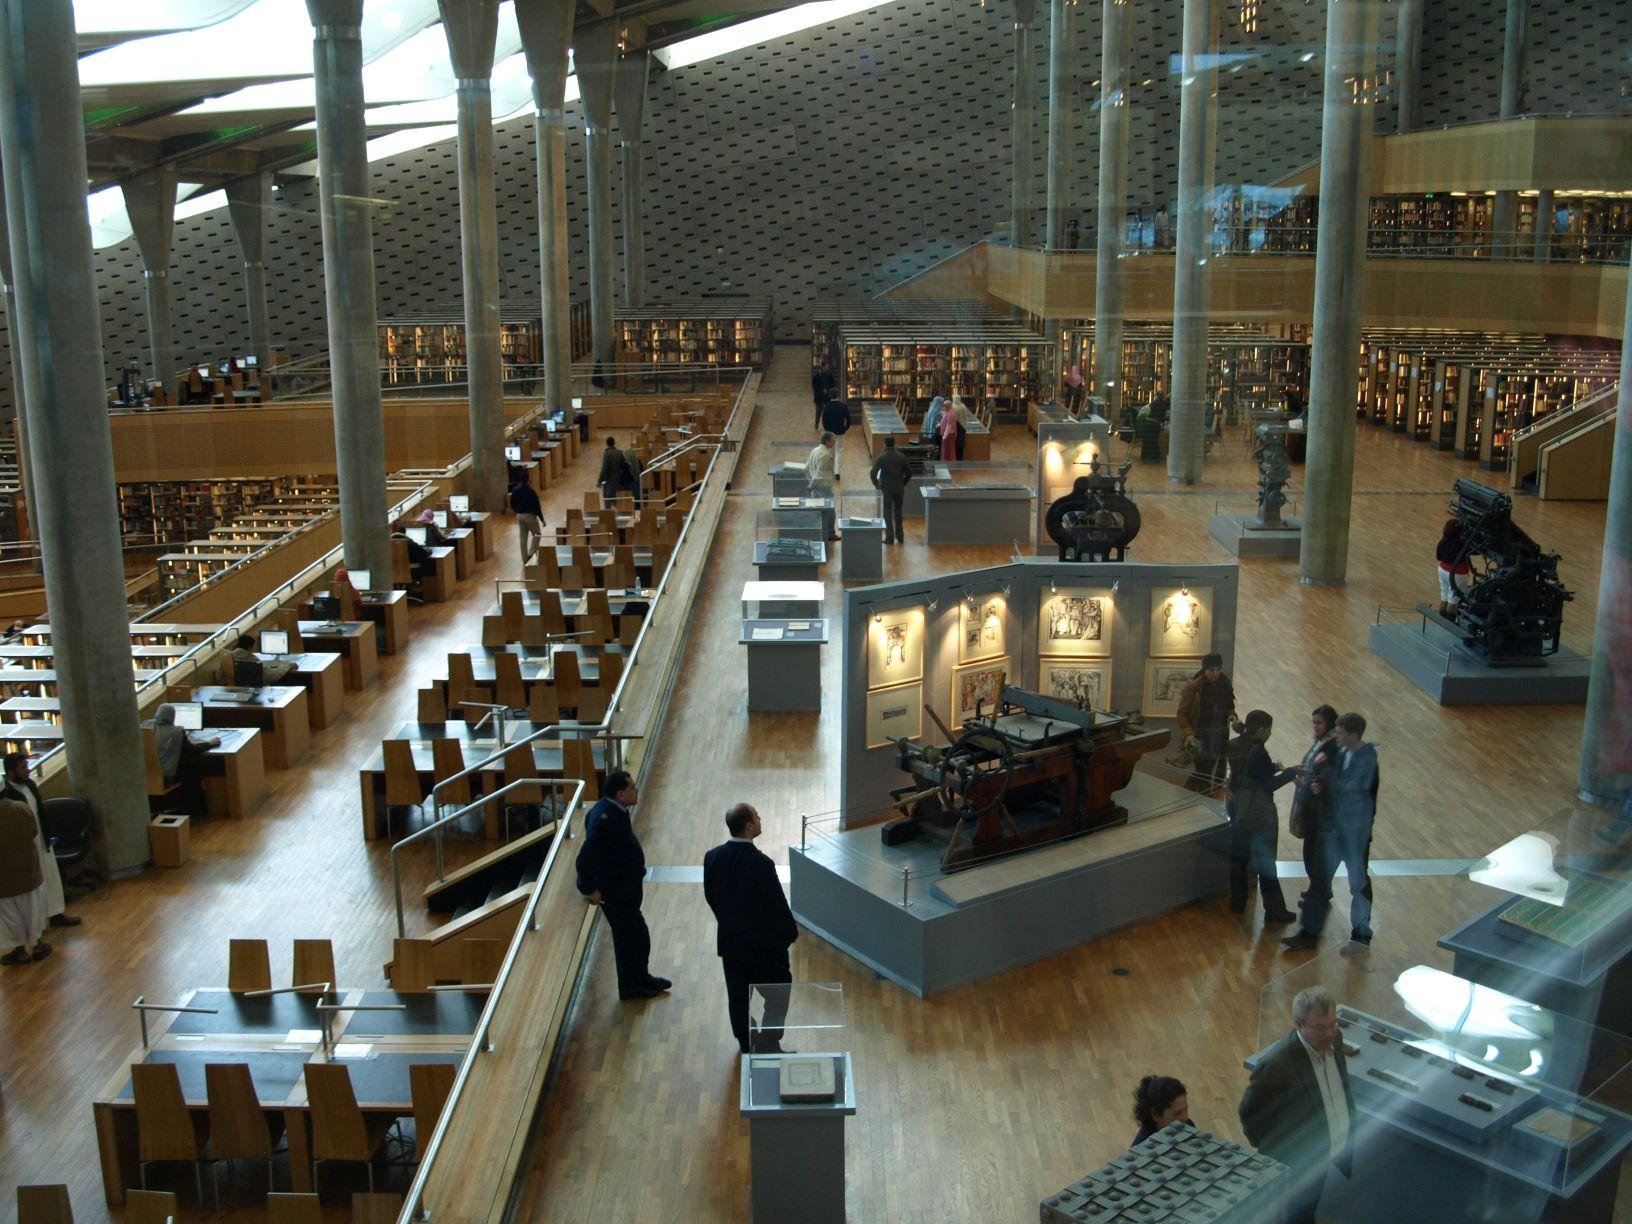 Library of alexandria, alexandria library, day trip to alexandria from cairo, alexandria day tour, deluxe tours egypt